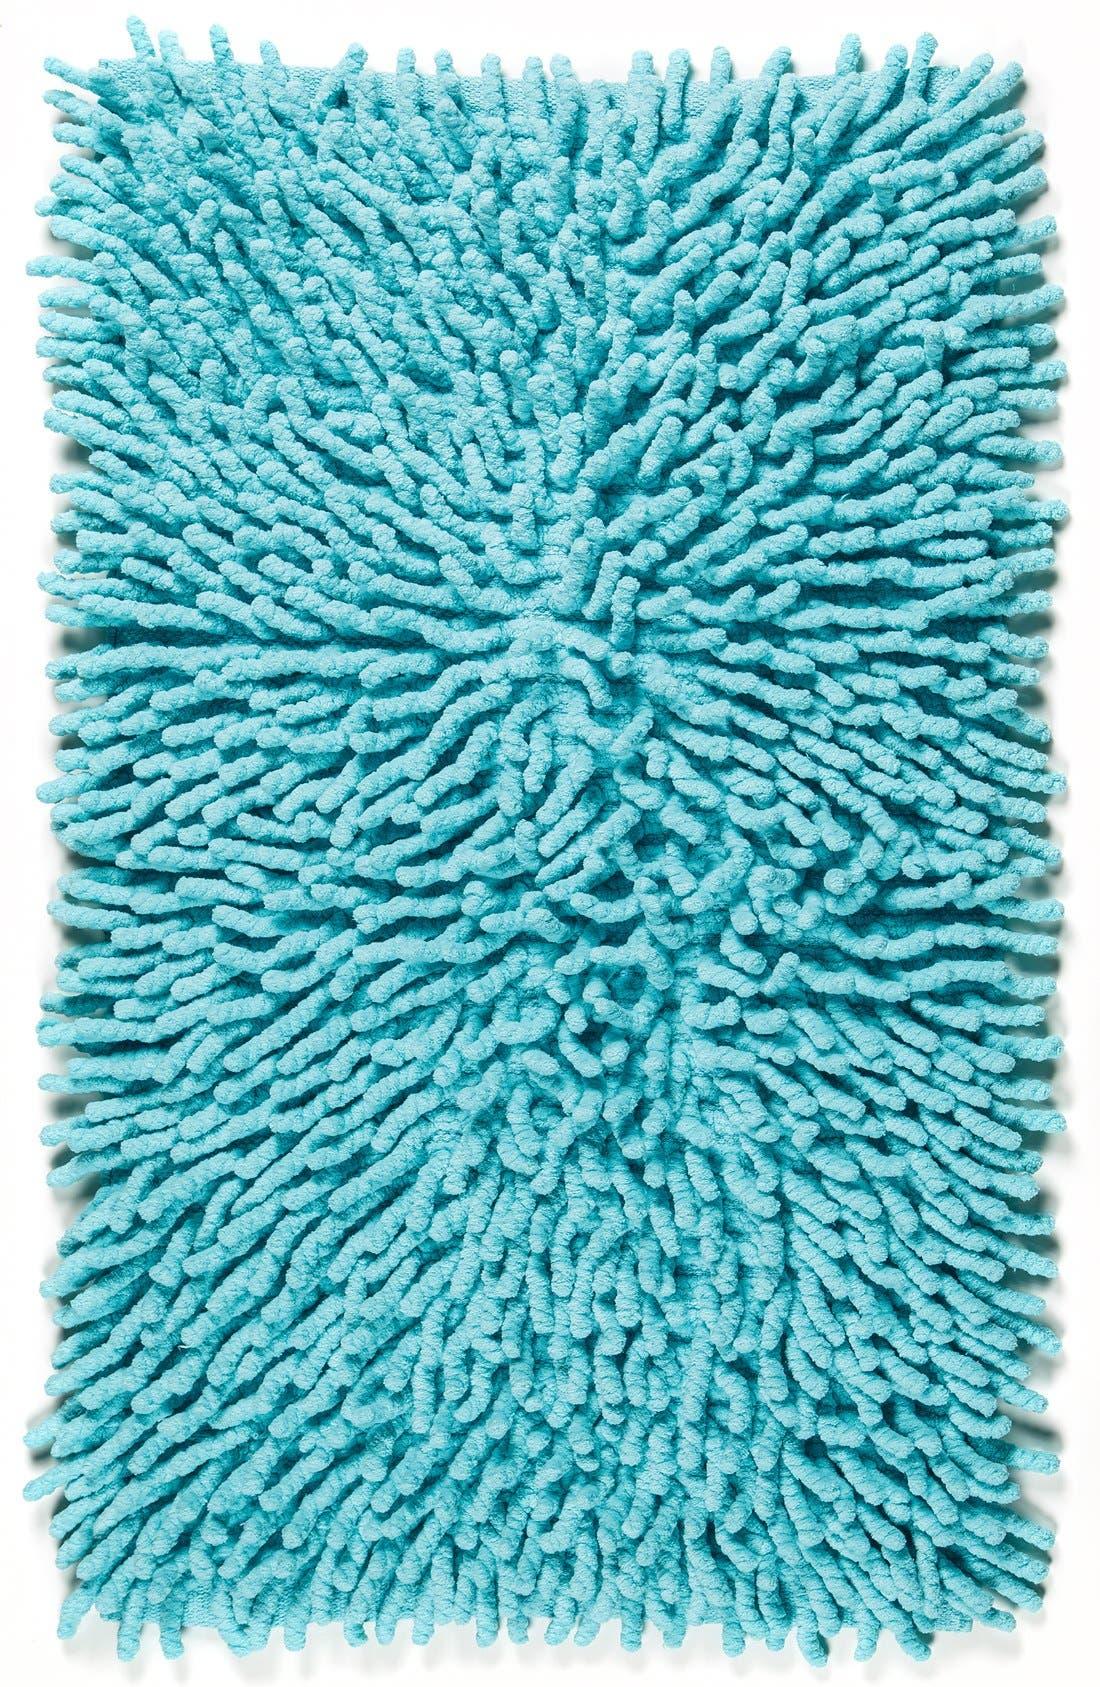 KASSATEX U0027Bambini Basicsu0027 Shag Chenille Cotton Bath Rug